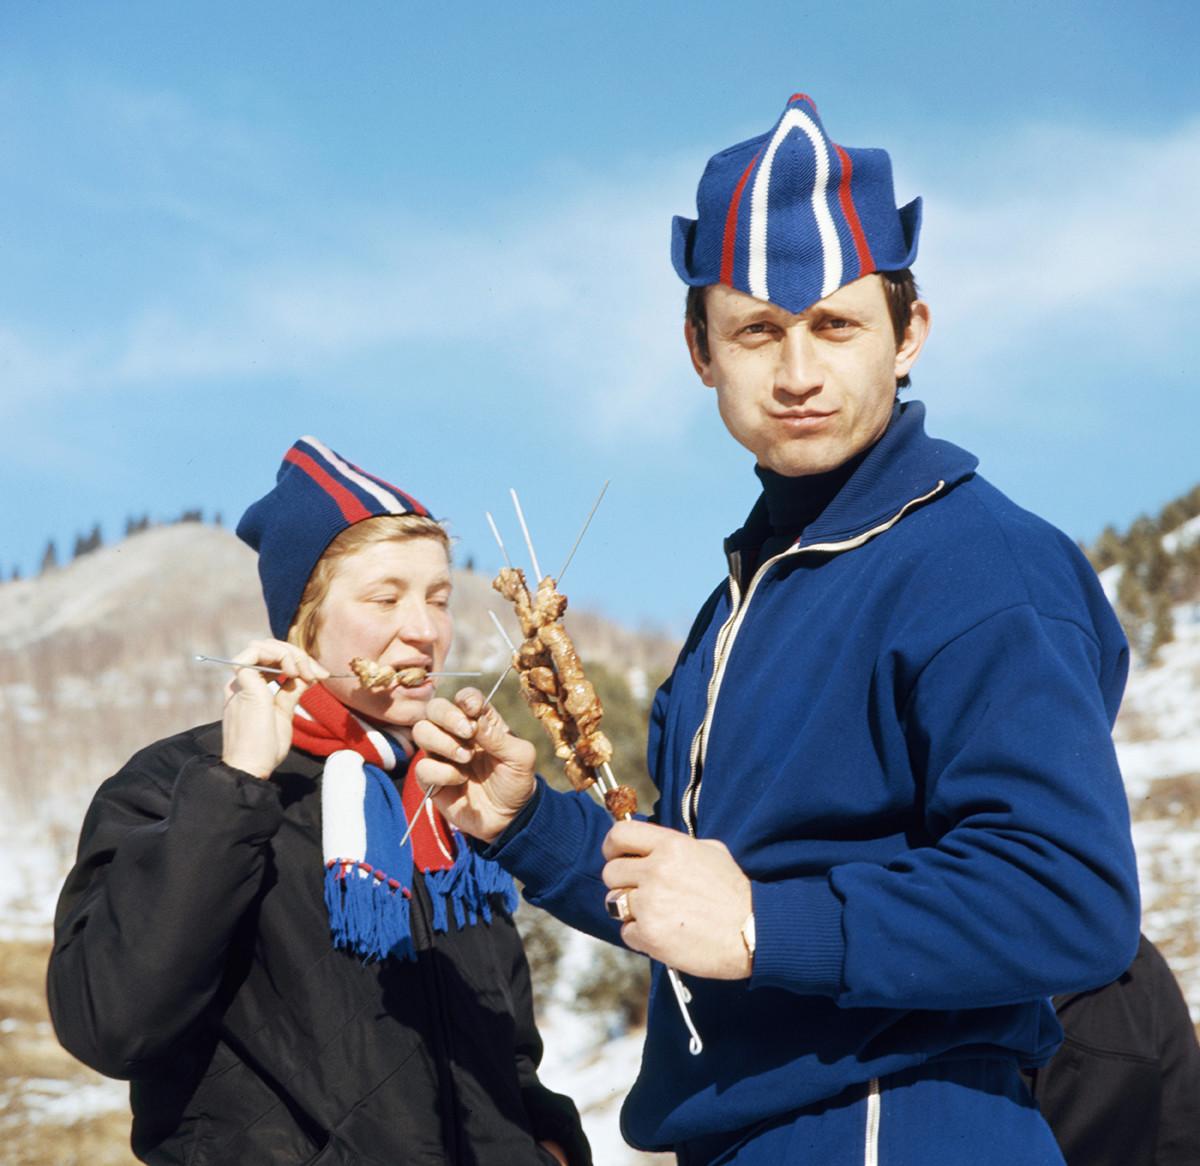 Alma-Ata, RSS de Kazajistán. Las compenentes del equipo nacional de patinaje de velocidad de la URSS Liudmila Fechina y Valeri Kaplan durante un descanso en Medeo. 1970